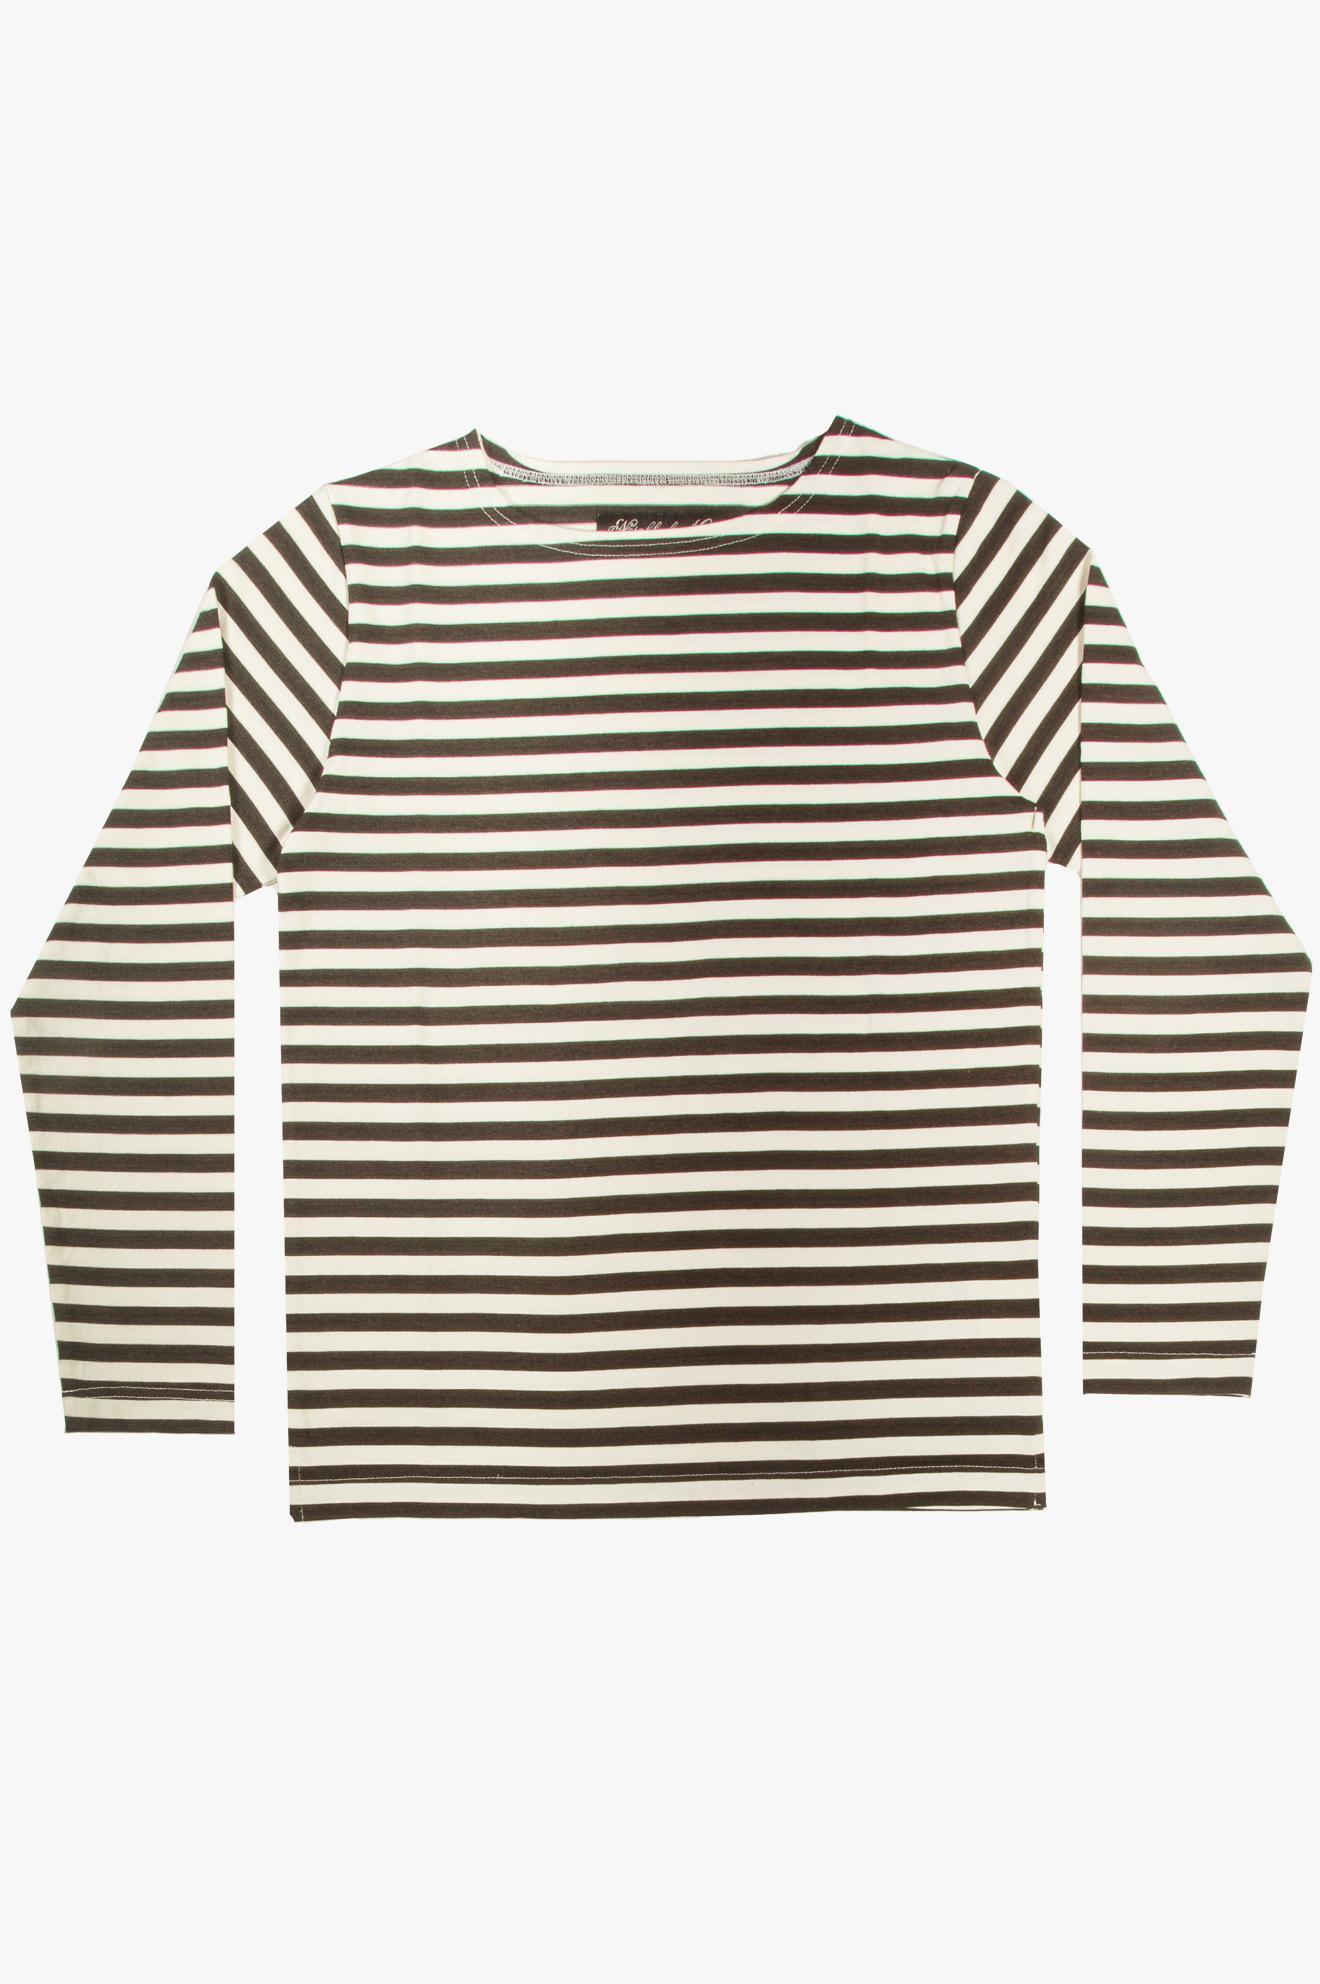 Pablo LS T-Shirt White/Black Stripes